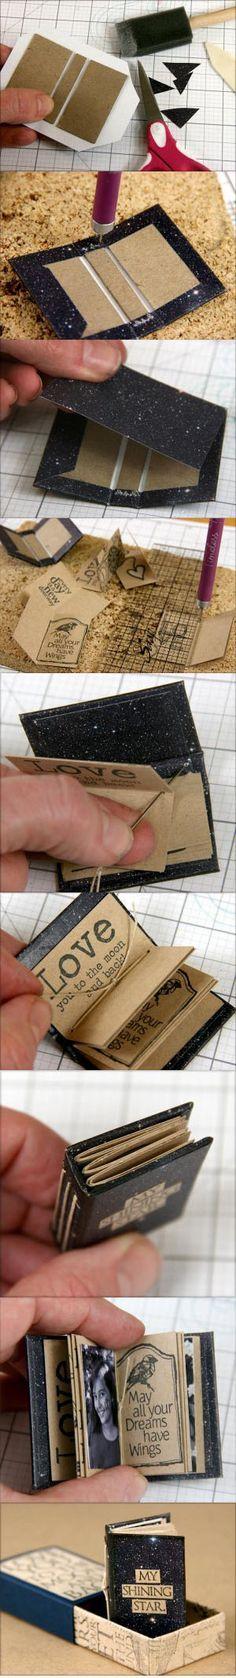 Constellations Mini Album Tutorial #clubscrap http://clubscrap.com/constellations-matchbox-mini-album-tutorial/